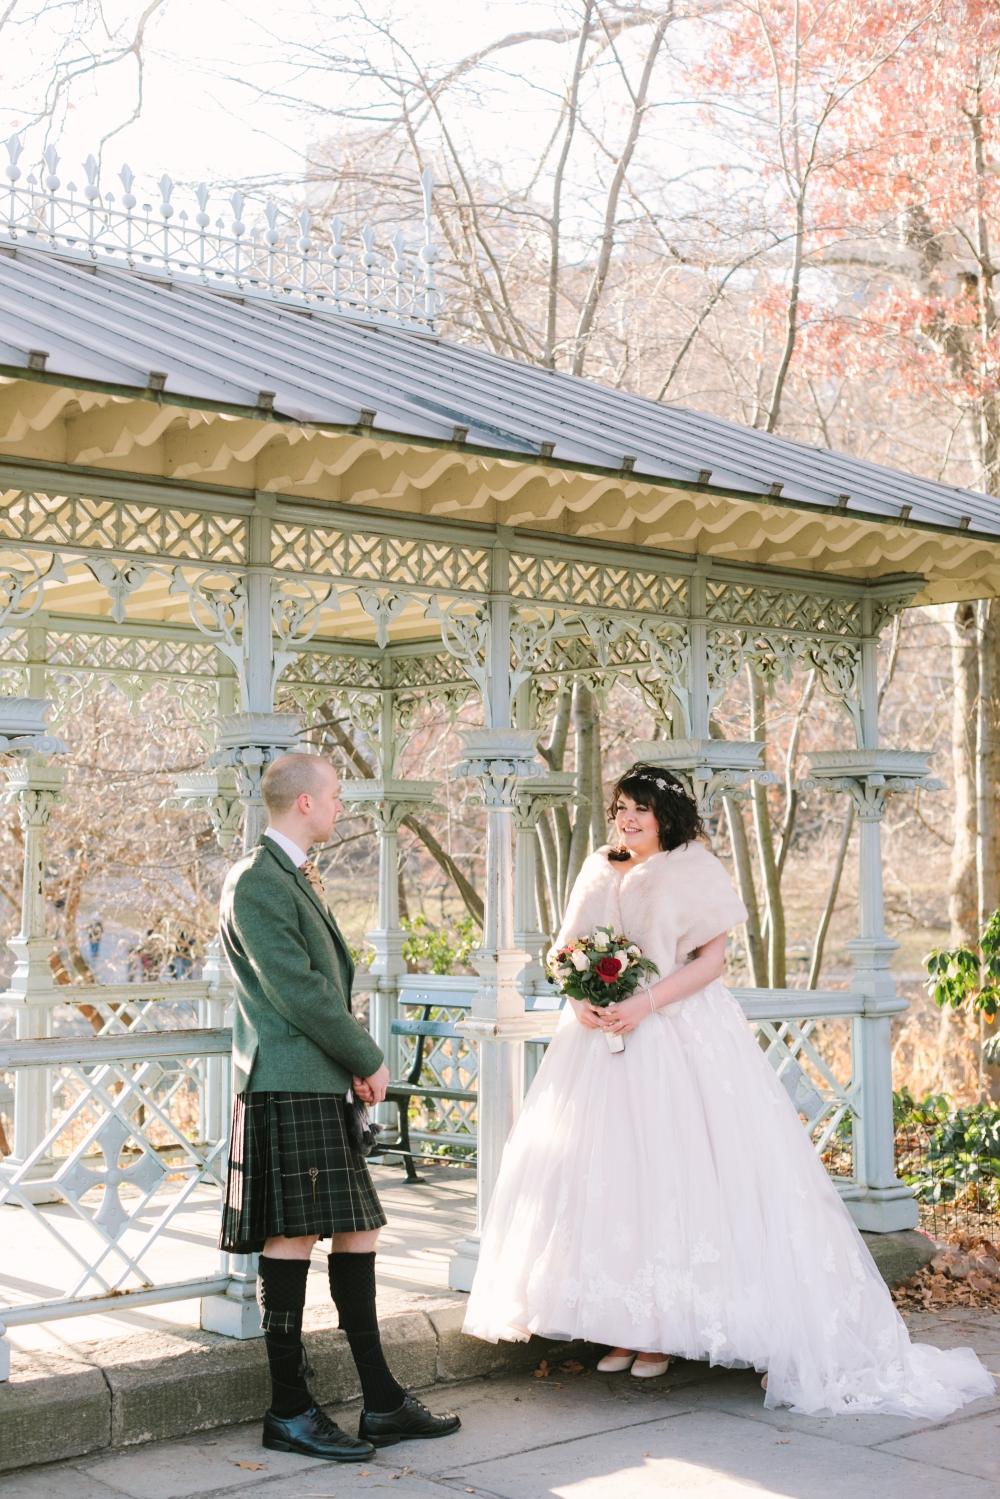 Central-park-wedding-JM-196